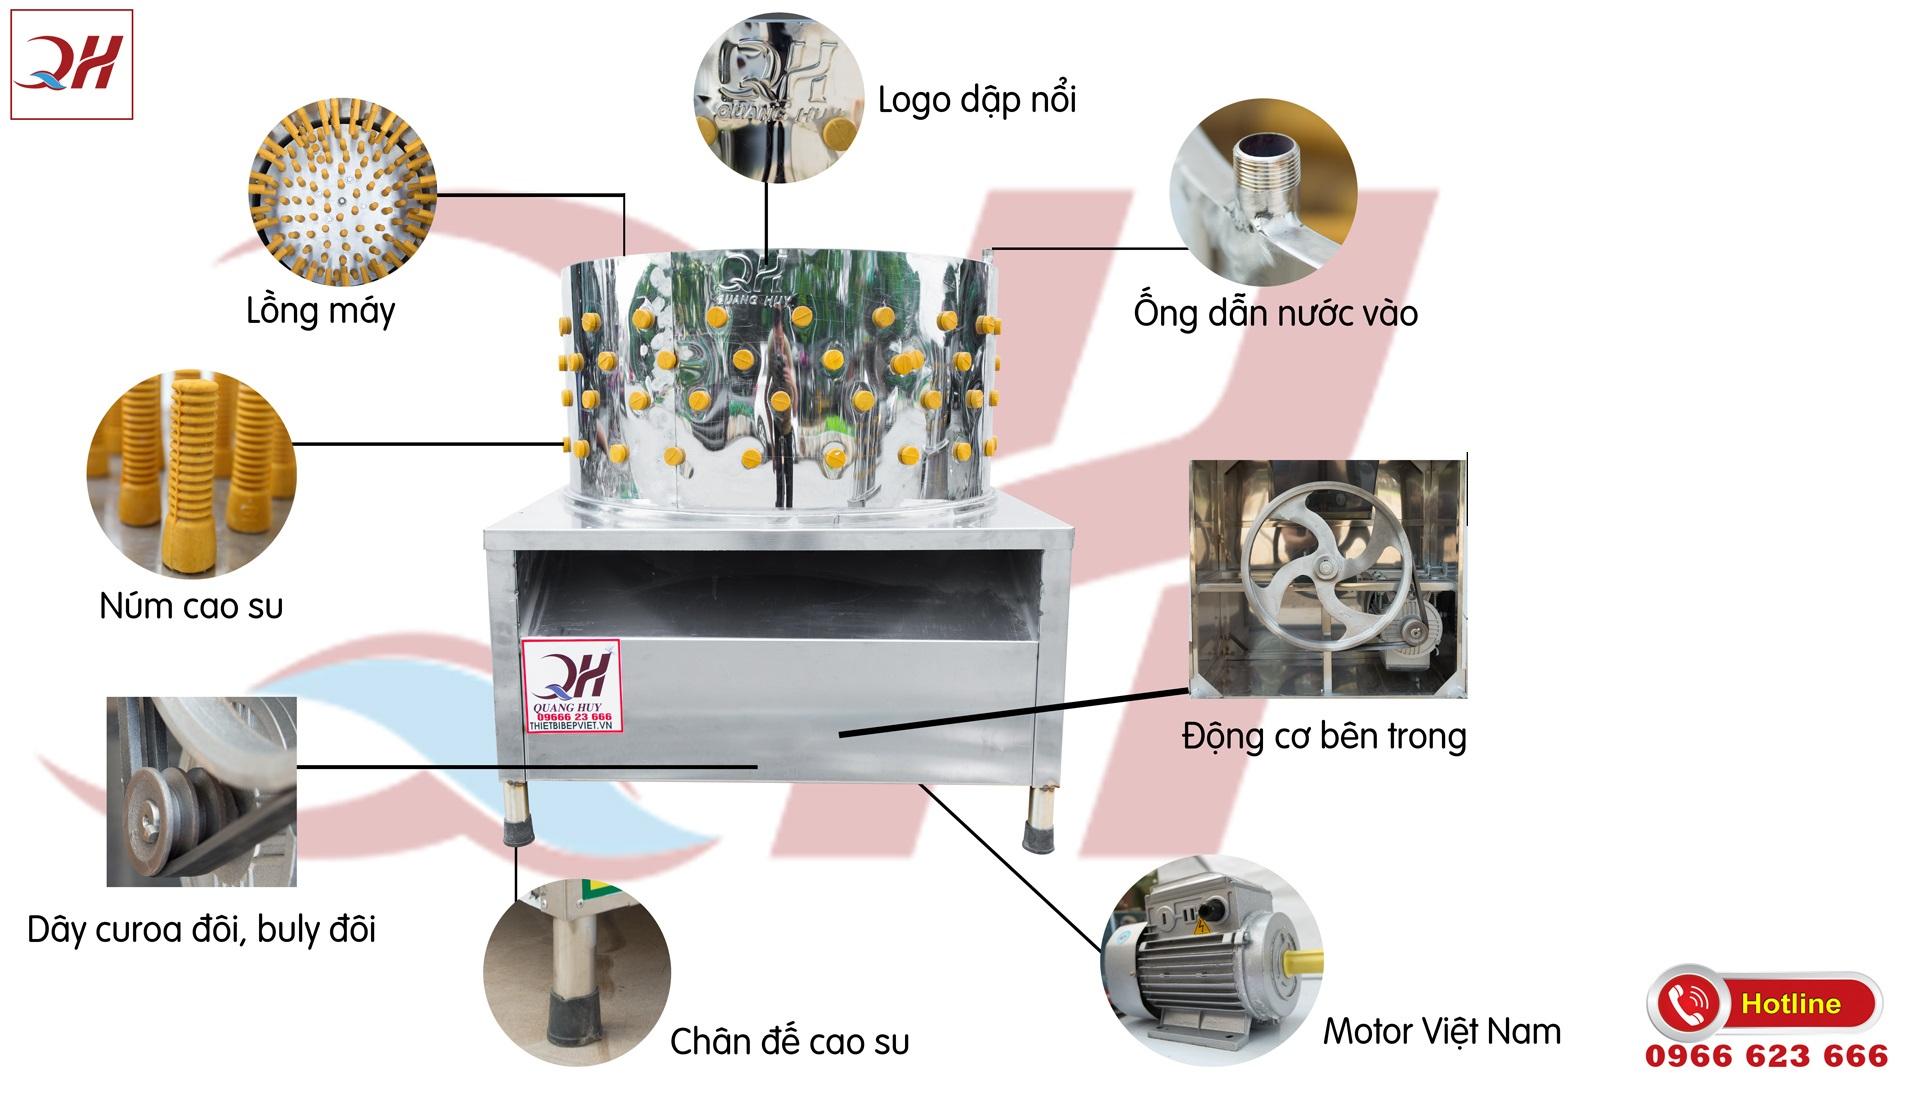 Cấu tạo máy vặt lông quang huy